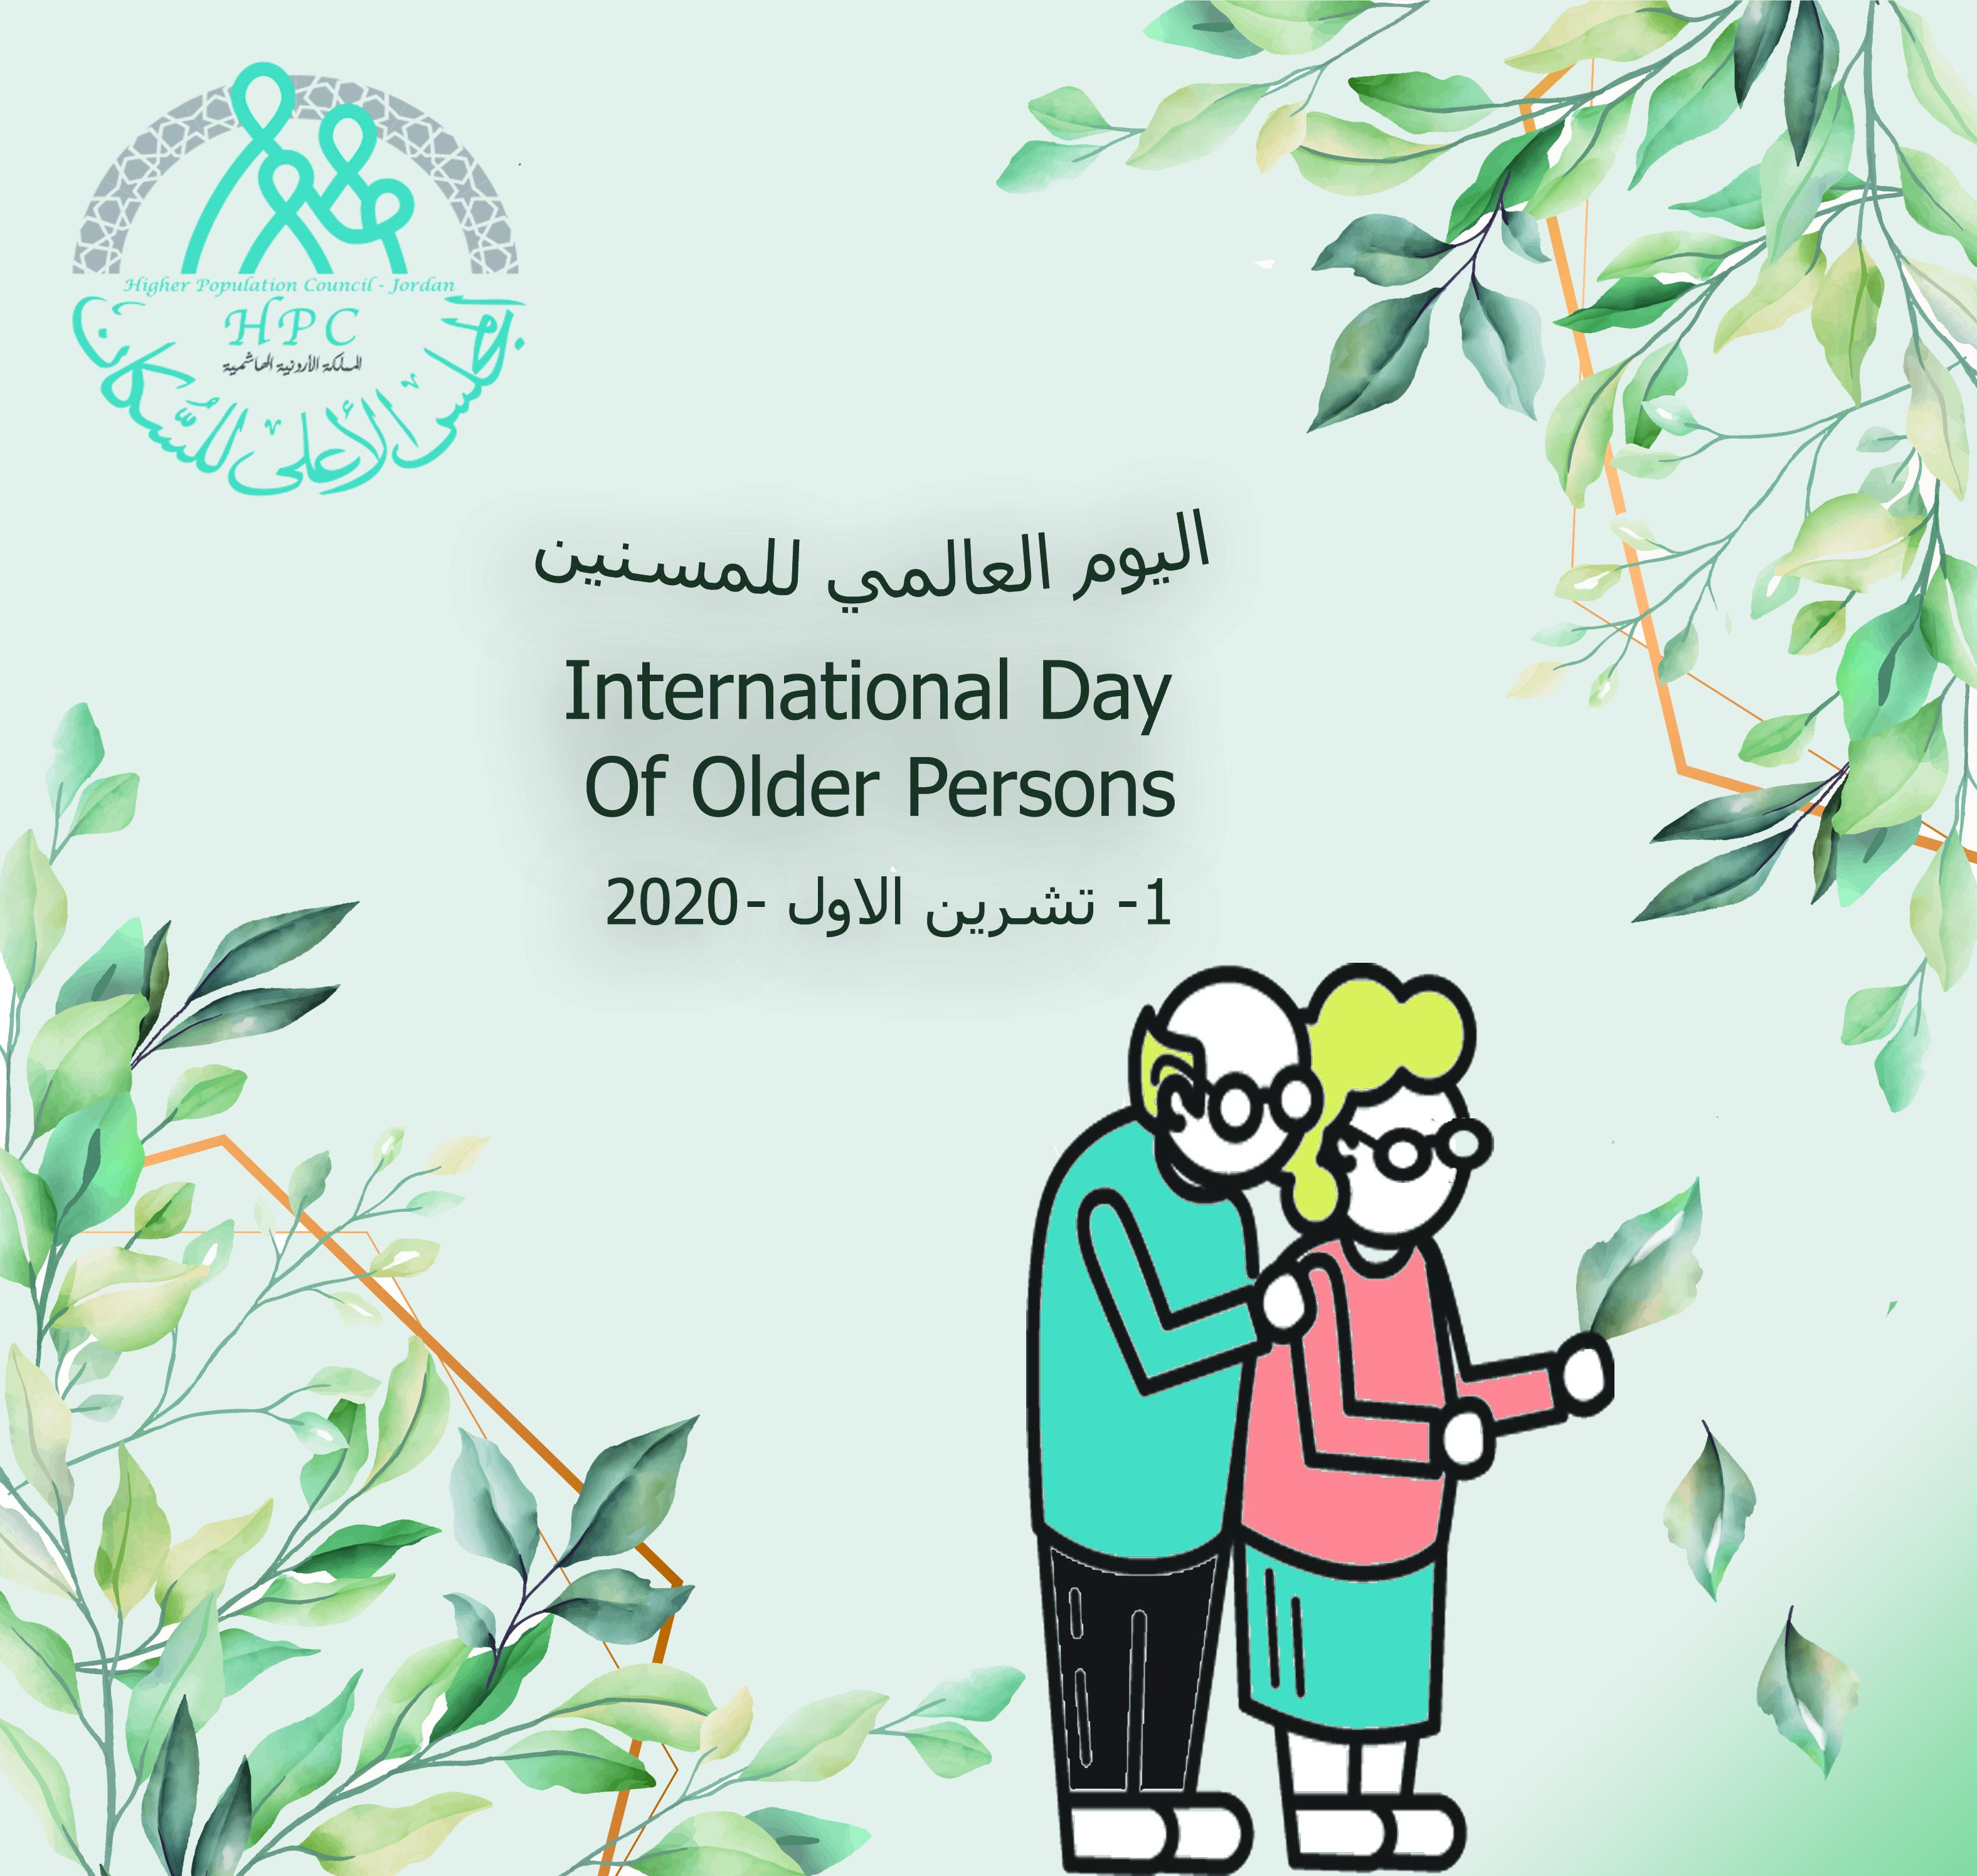 الأردن يشارك العالم الاحتفال باليوم العالمي لكبار السن المجلس الأعلى للسكان